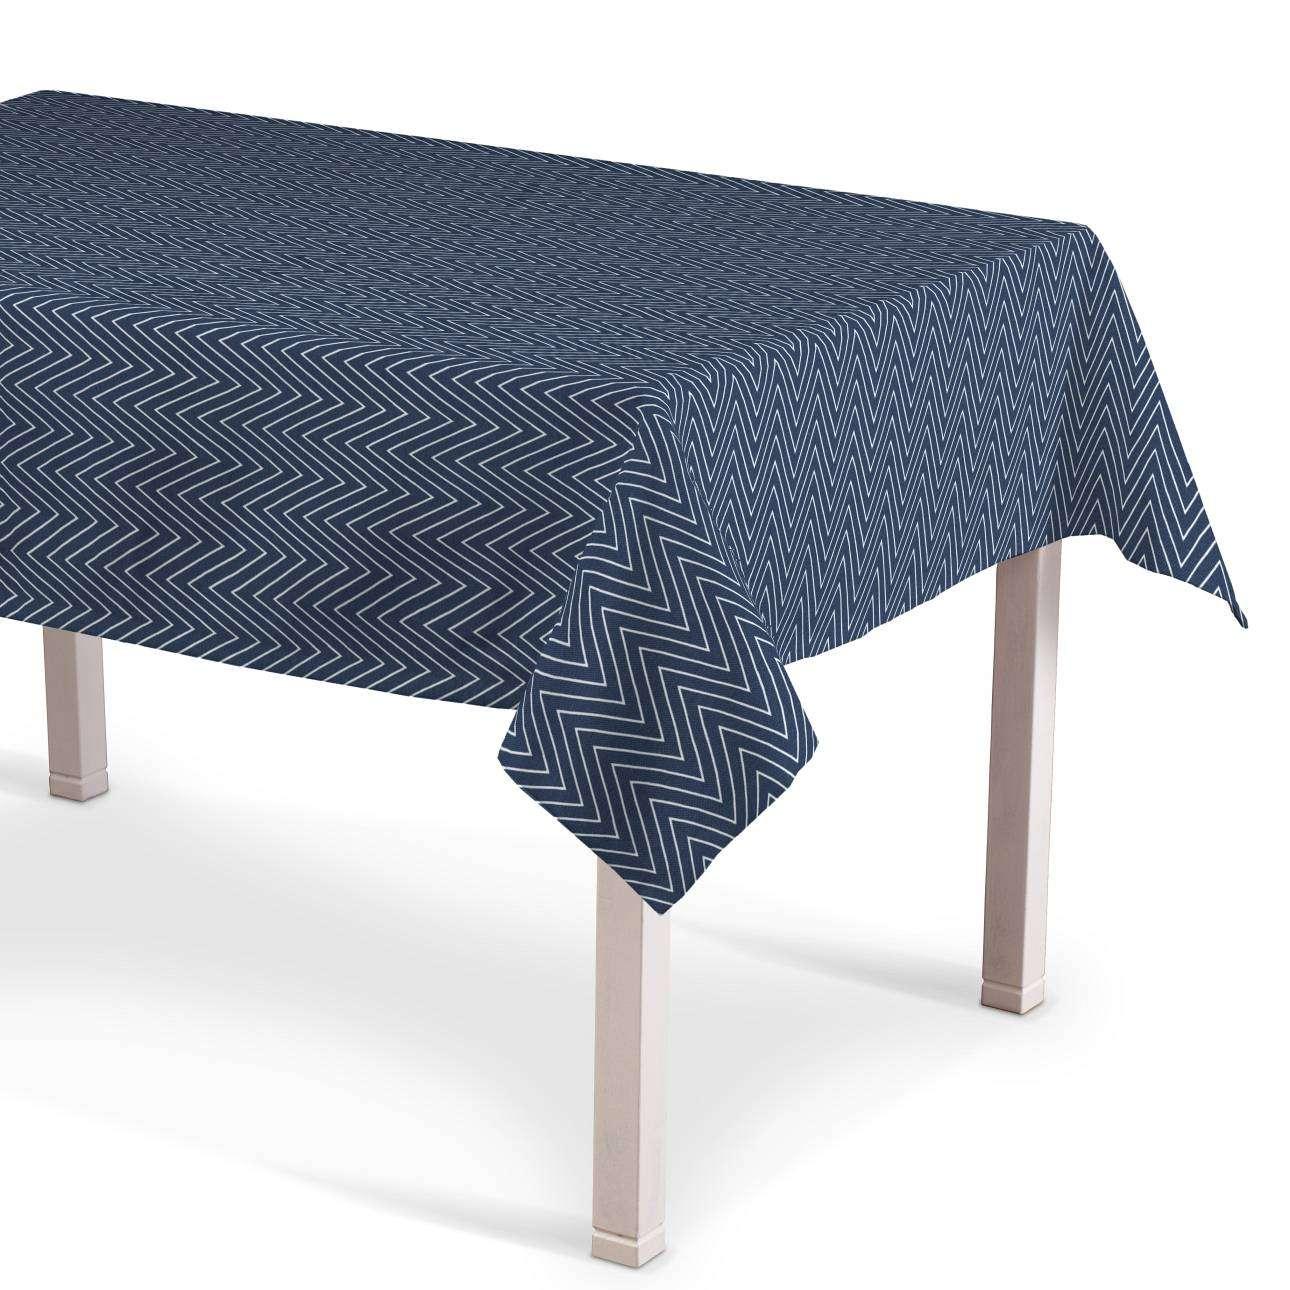 Staltiesės (stalui su kampais) 130 x 130 cm kolekcijoje Brooklyn, audinys: 137-88